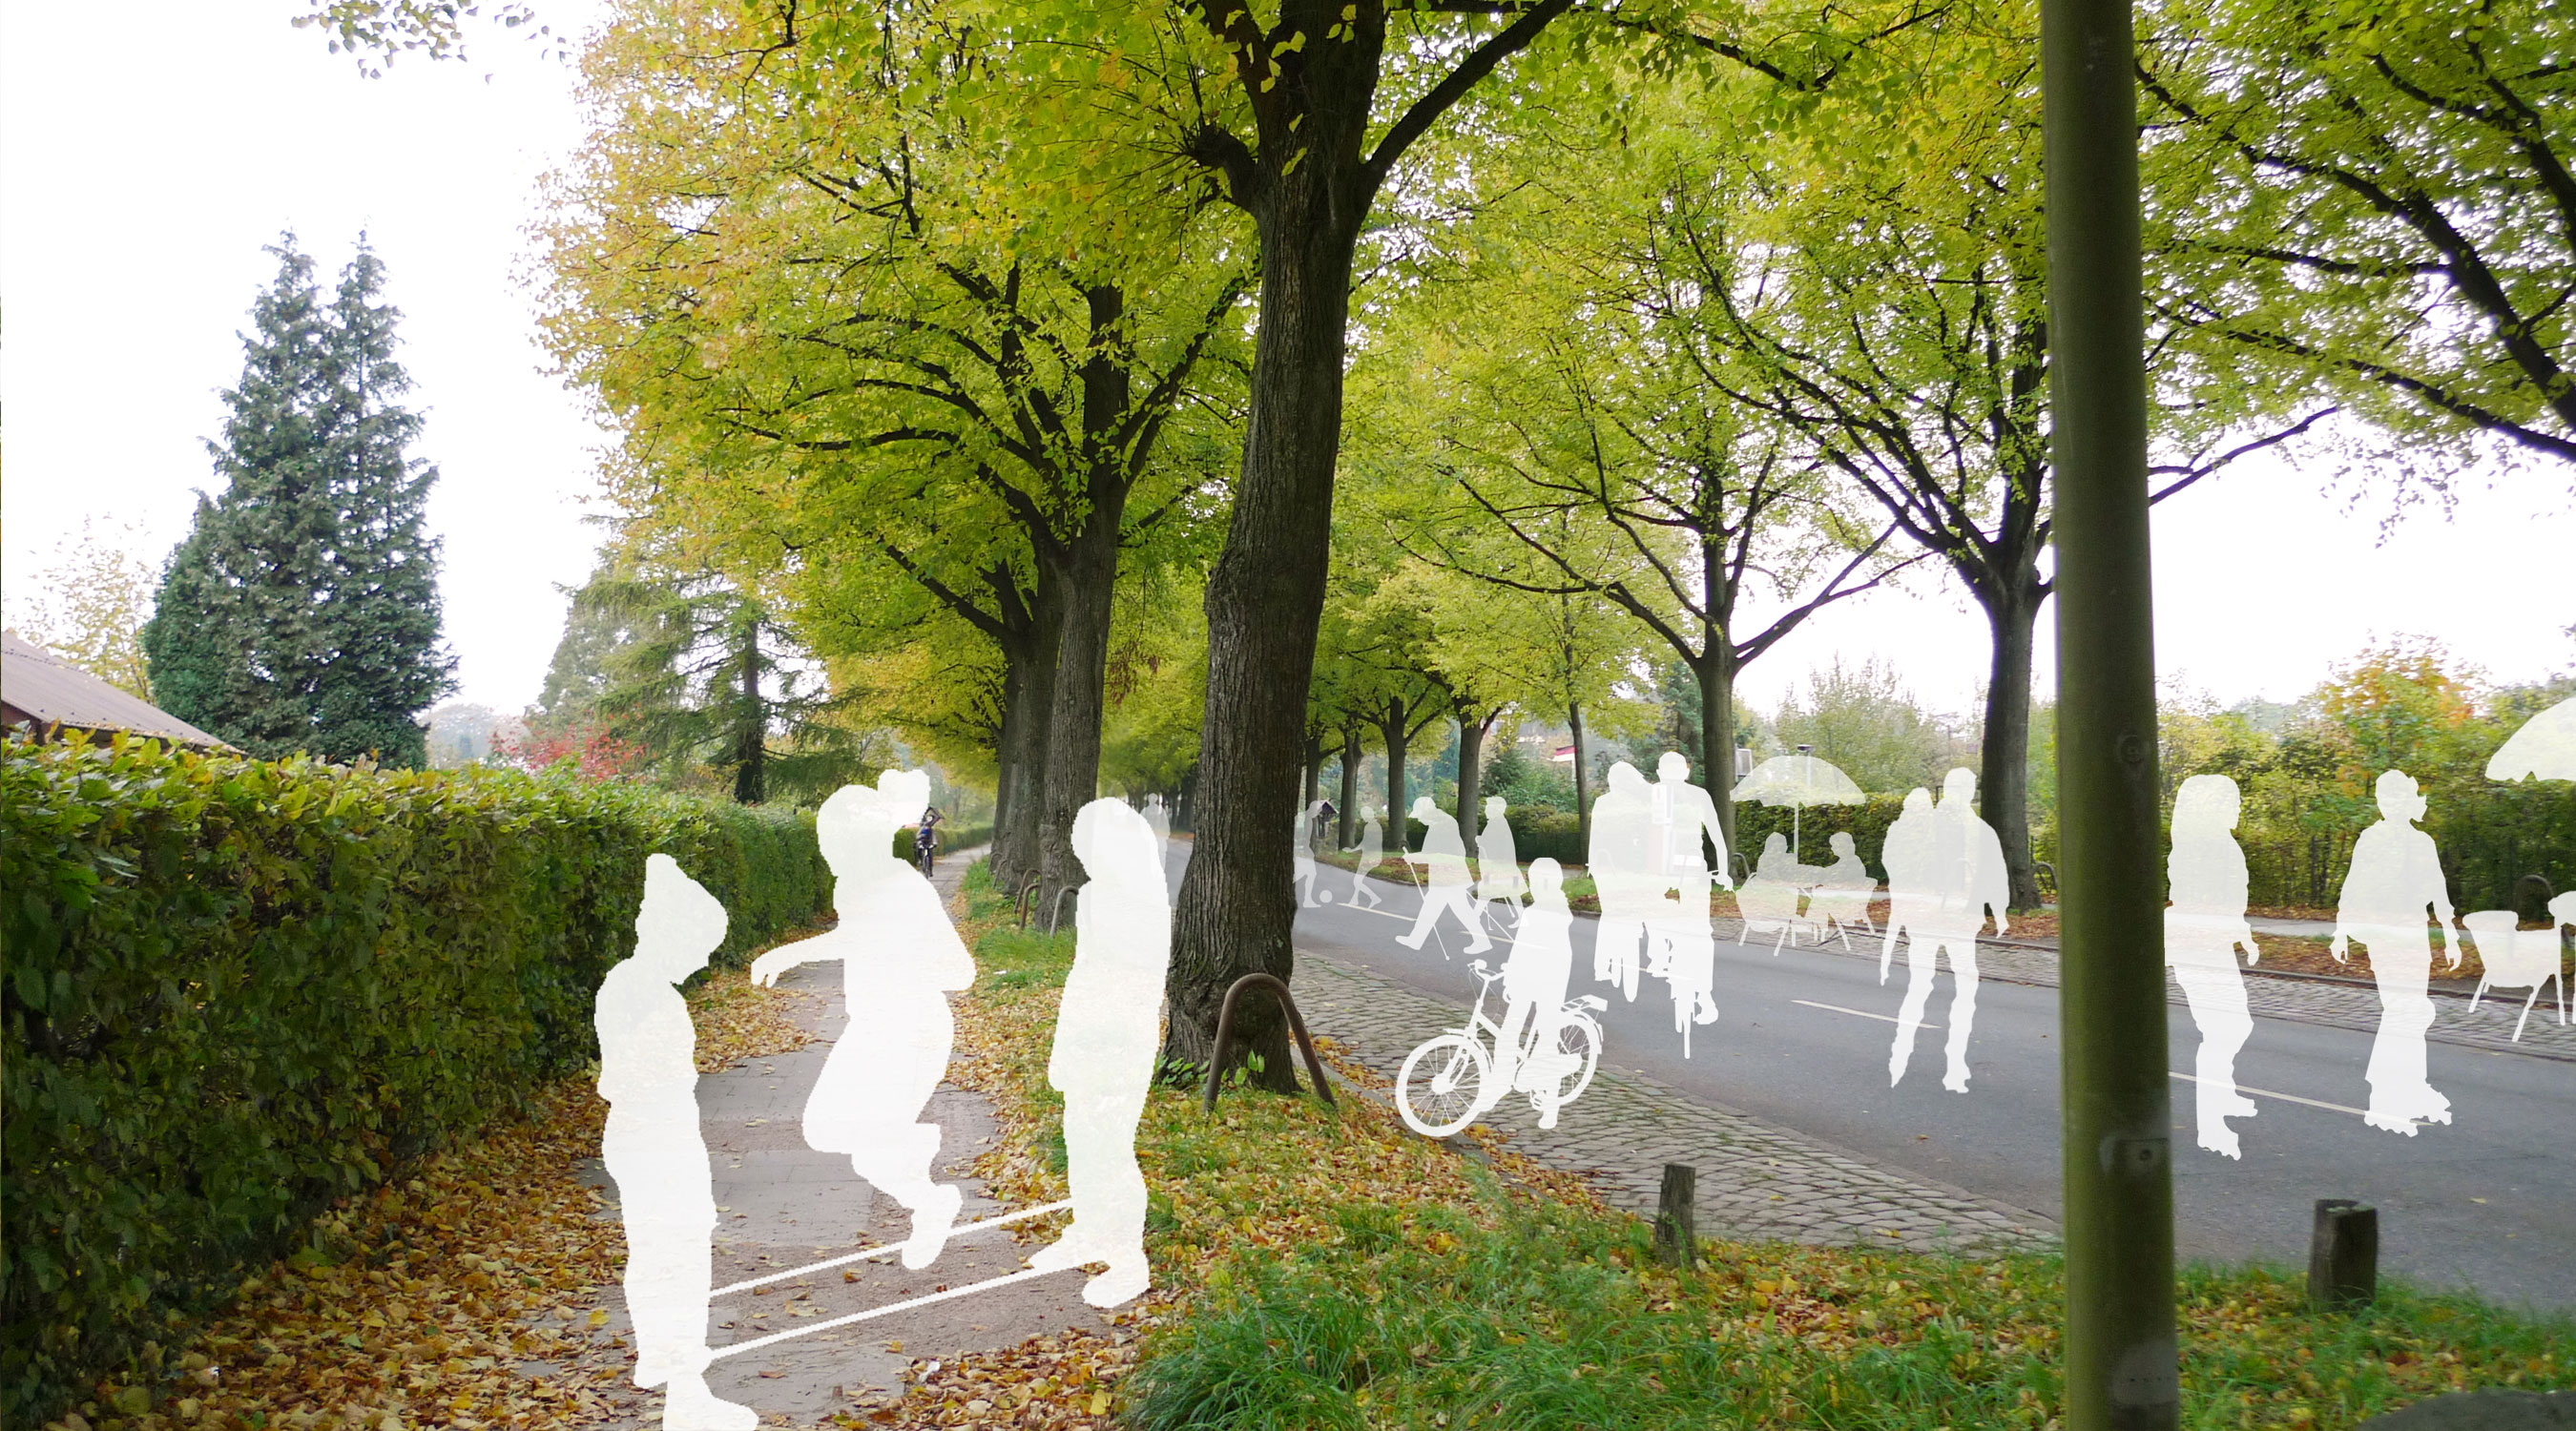 Eimsbüttel Leitstrategie Sonntagstrasse